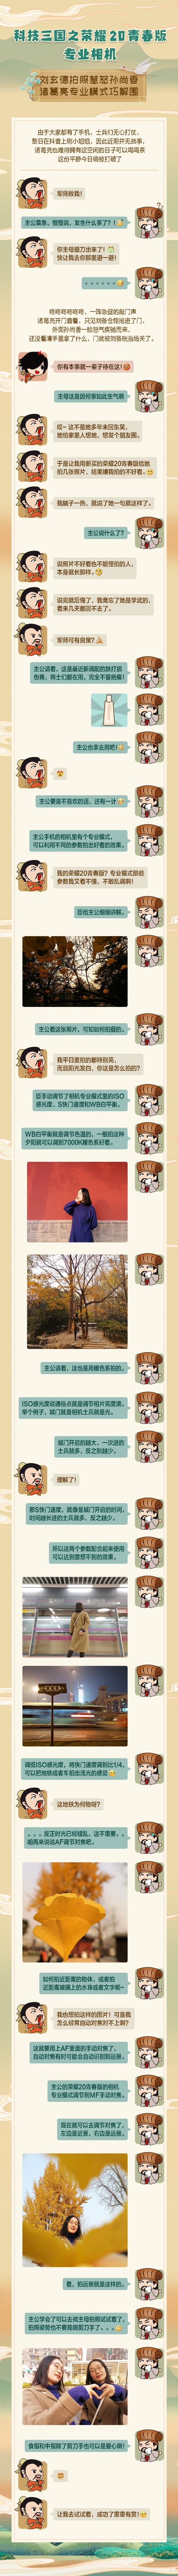 科技三国之荣耀20青春版专业相机.jpg